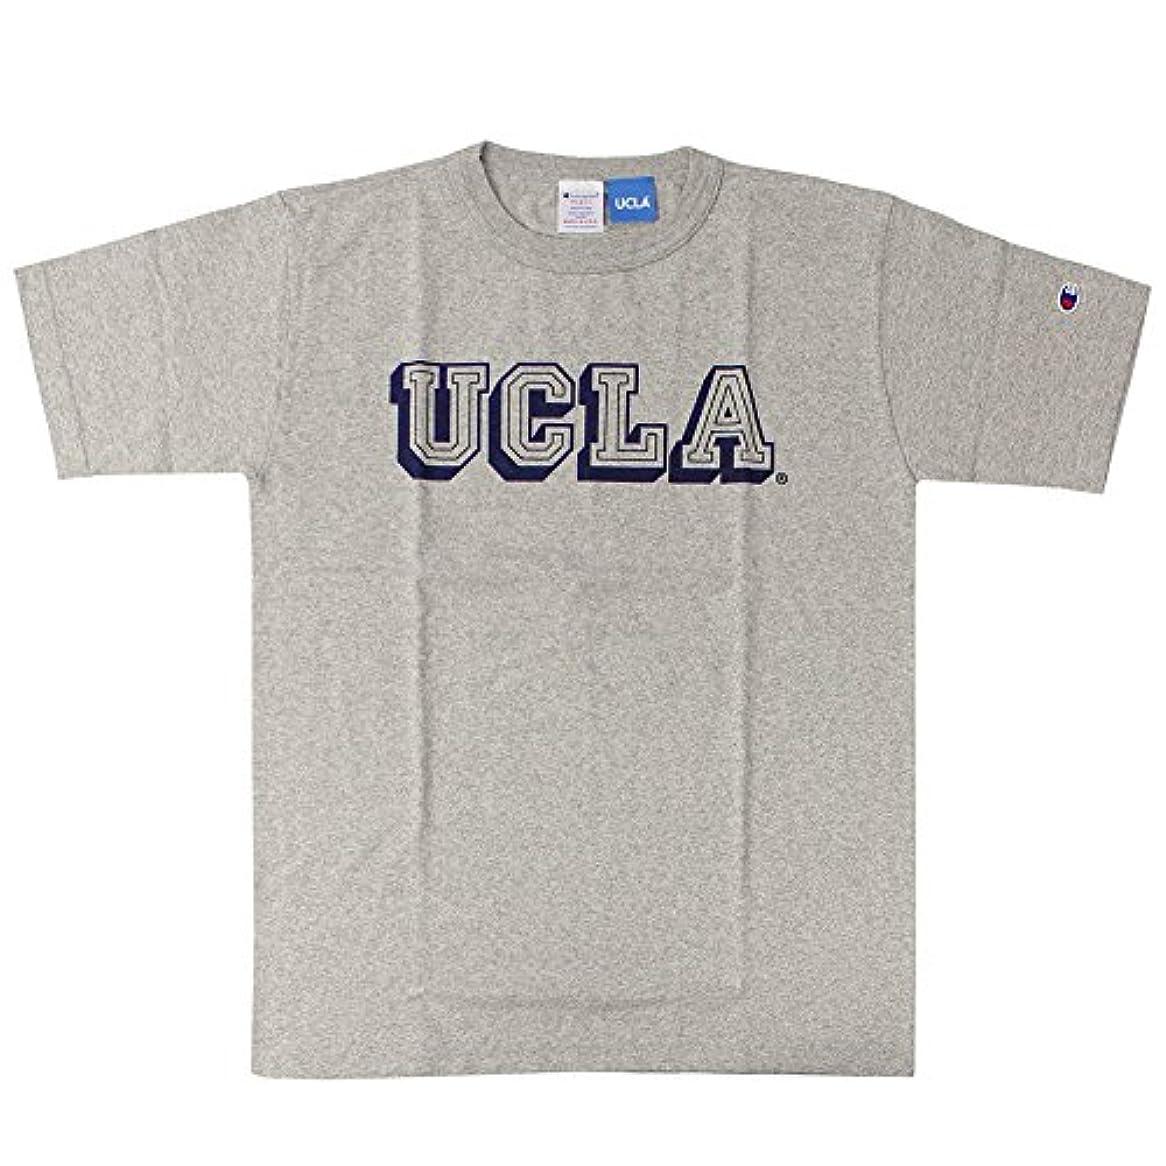 前者天使国民投票Champion チャンピオン T1011 ティーテンイレブン ポケット付き US Tシャツ MADE IN USA カットソー ティーシャツ 半袖 メンズ ロゴ刺繍 プリント C5-M303